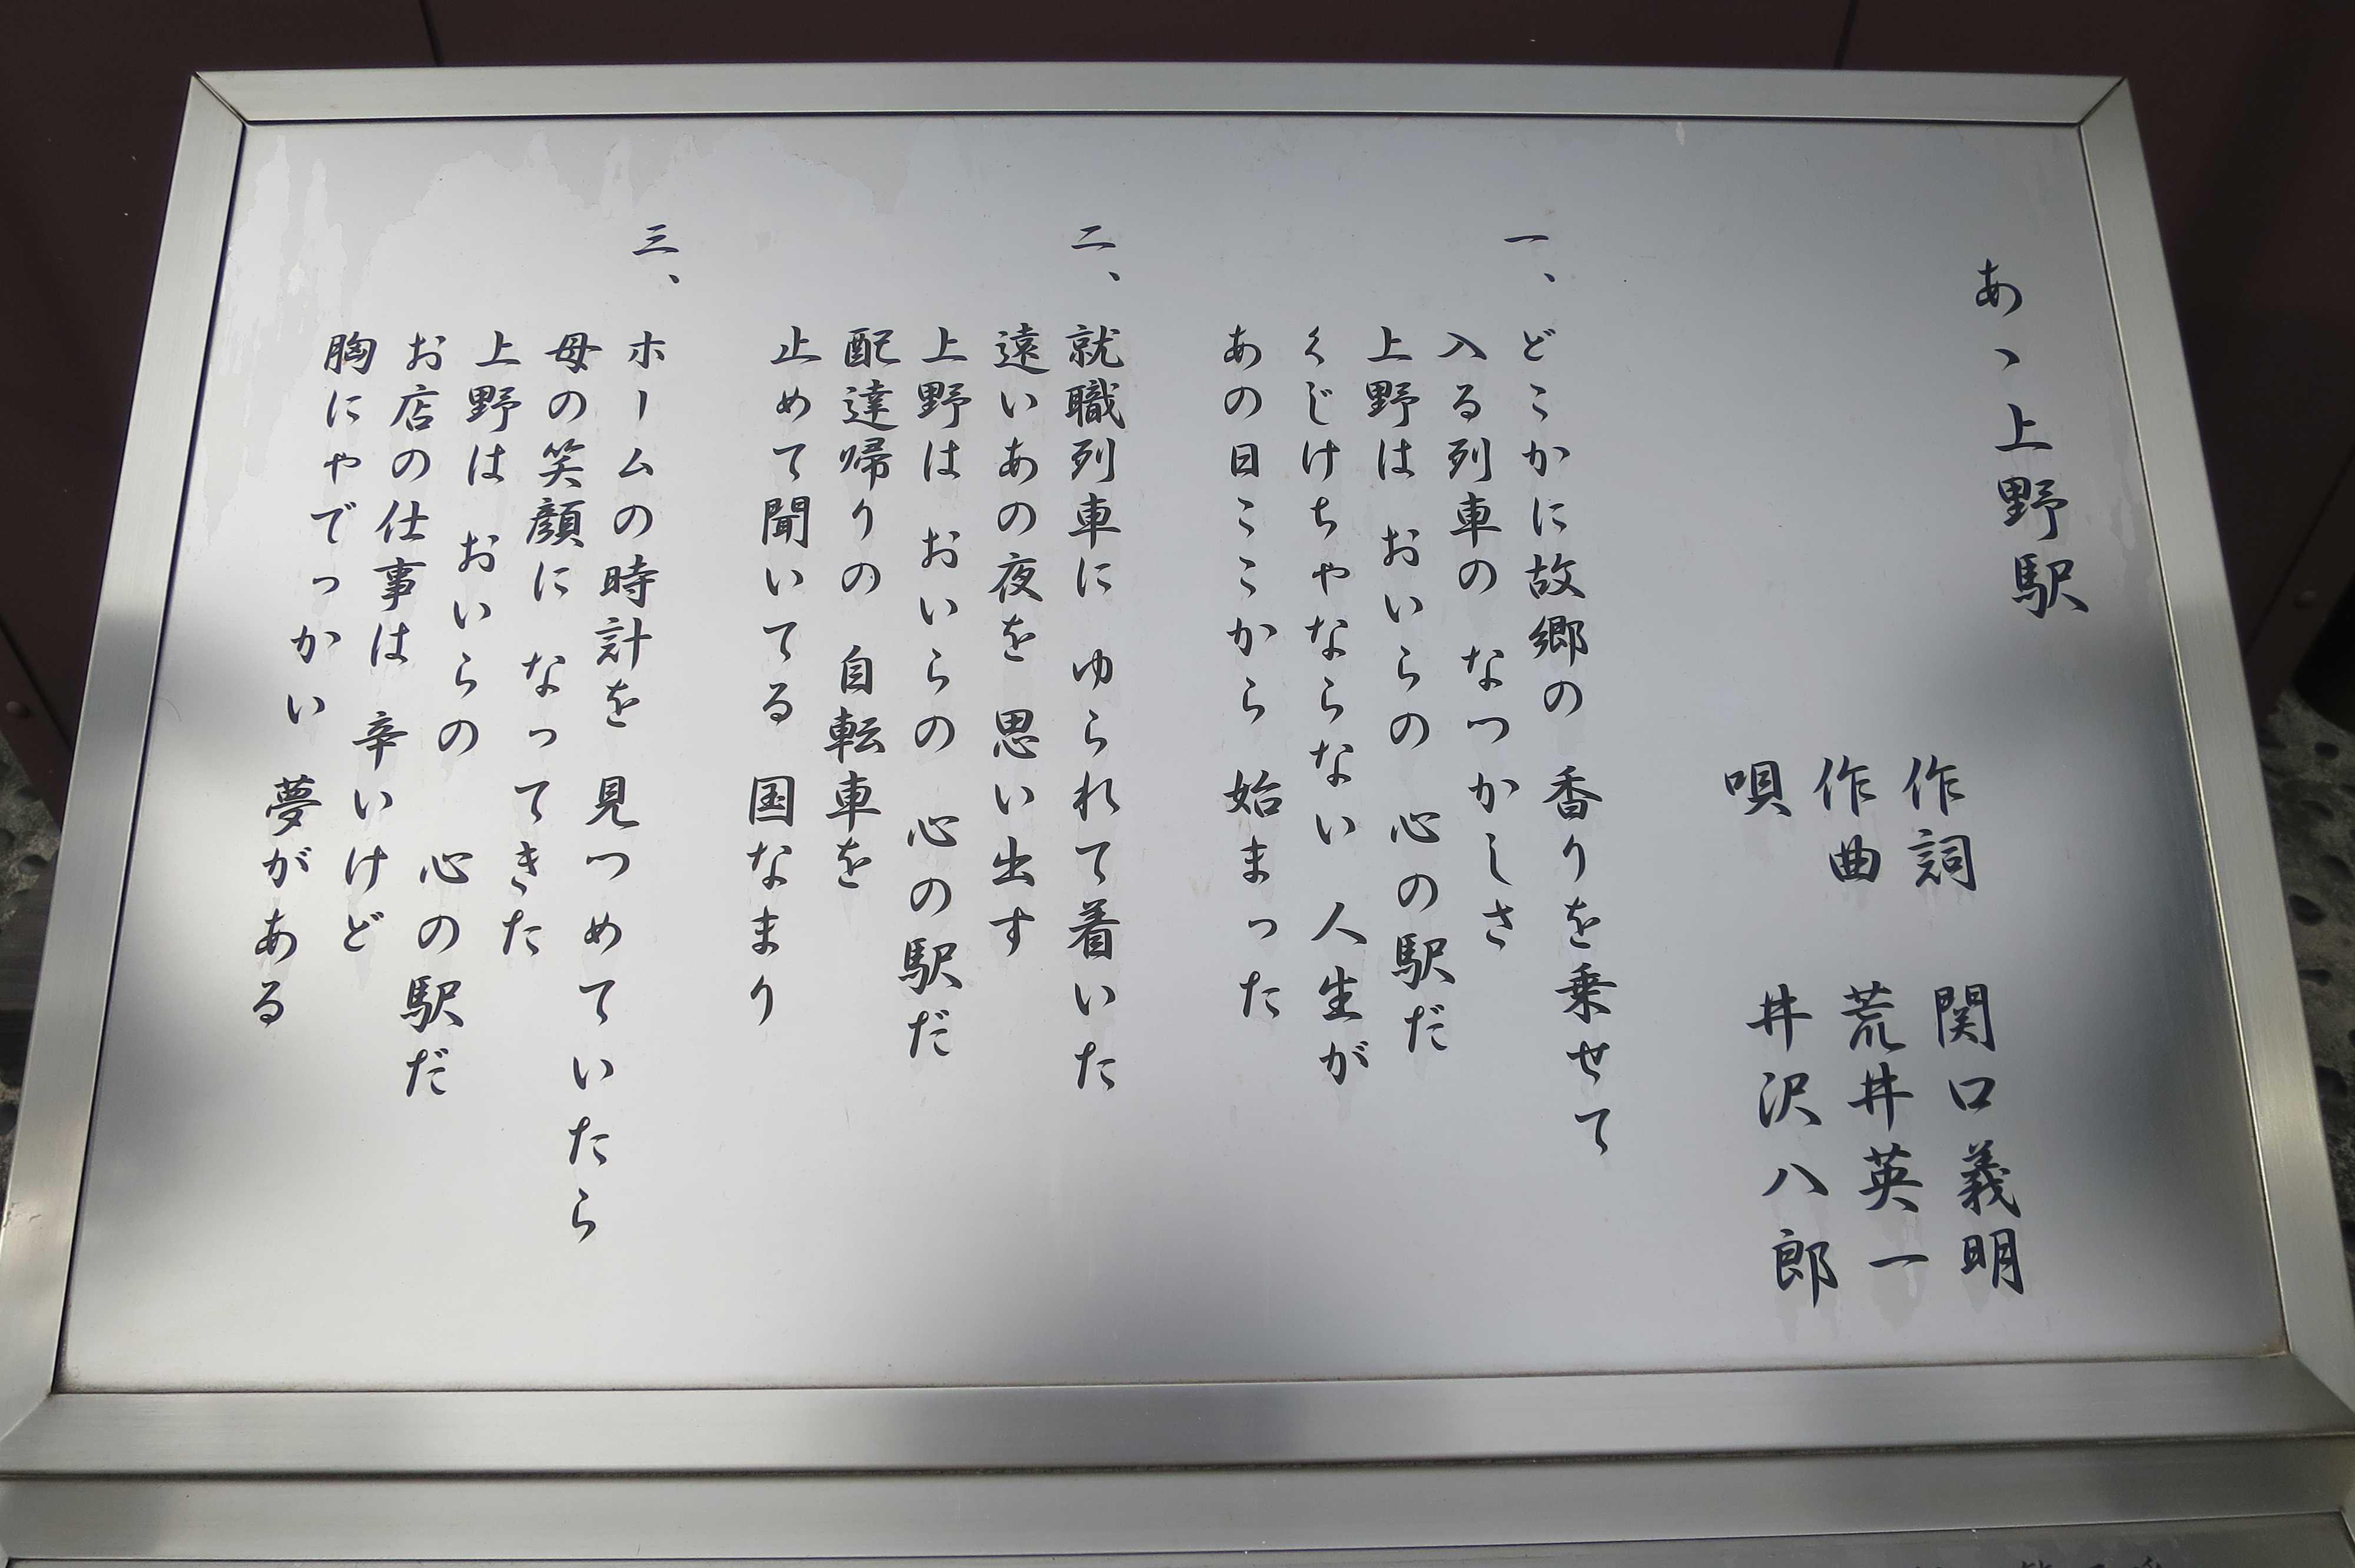 「あゝ上野駅」の歌詞